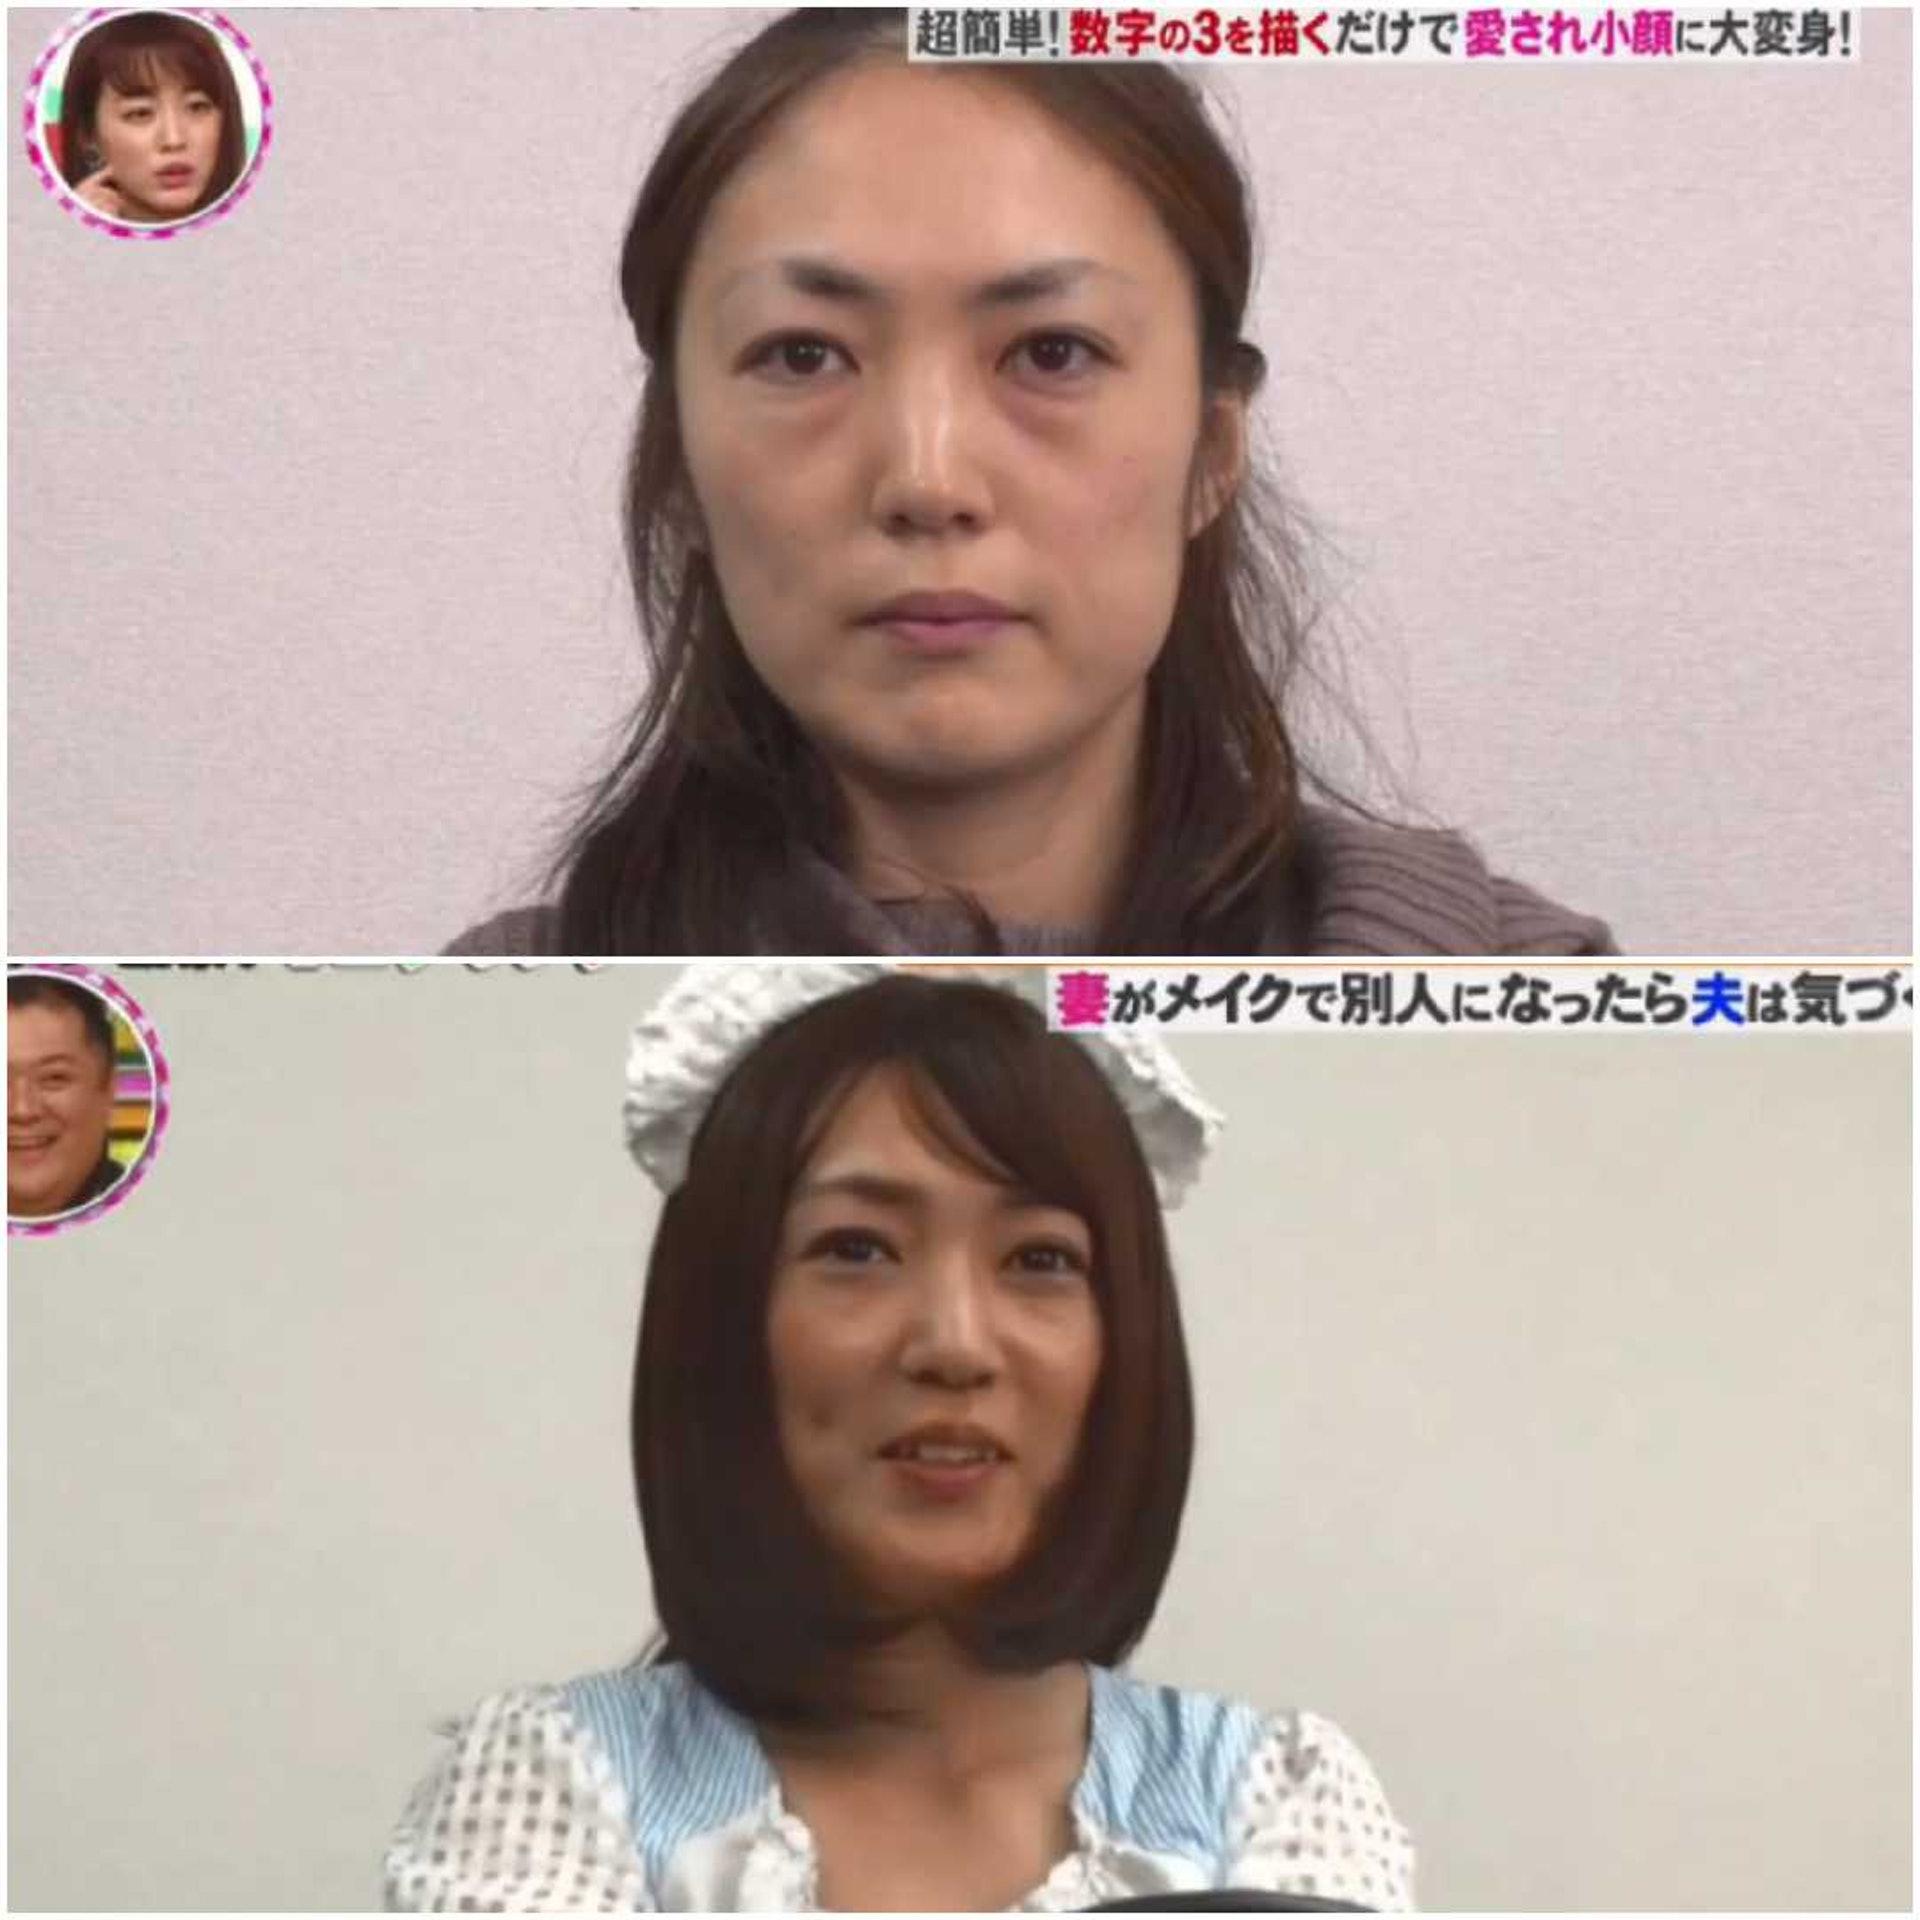 整人節目我只服日本!「33歲人妻妝後→可愛女僕」老公大吐真心…網:回家準備跪算盤!